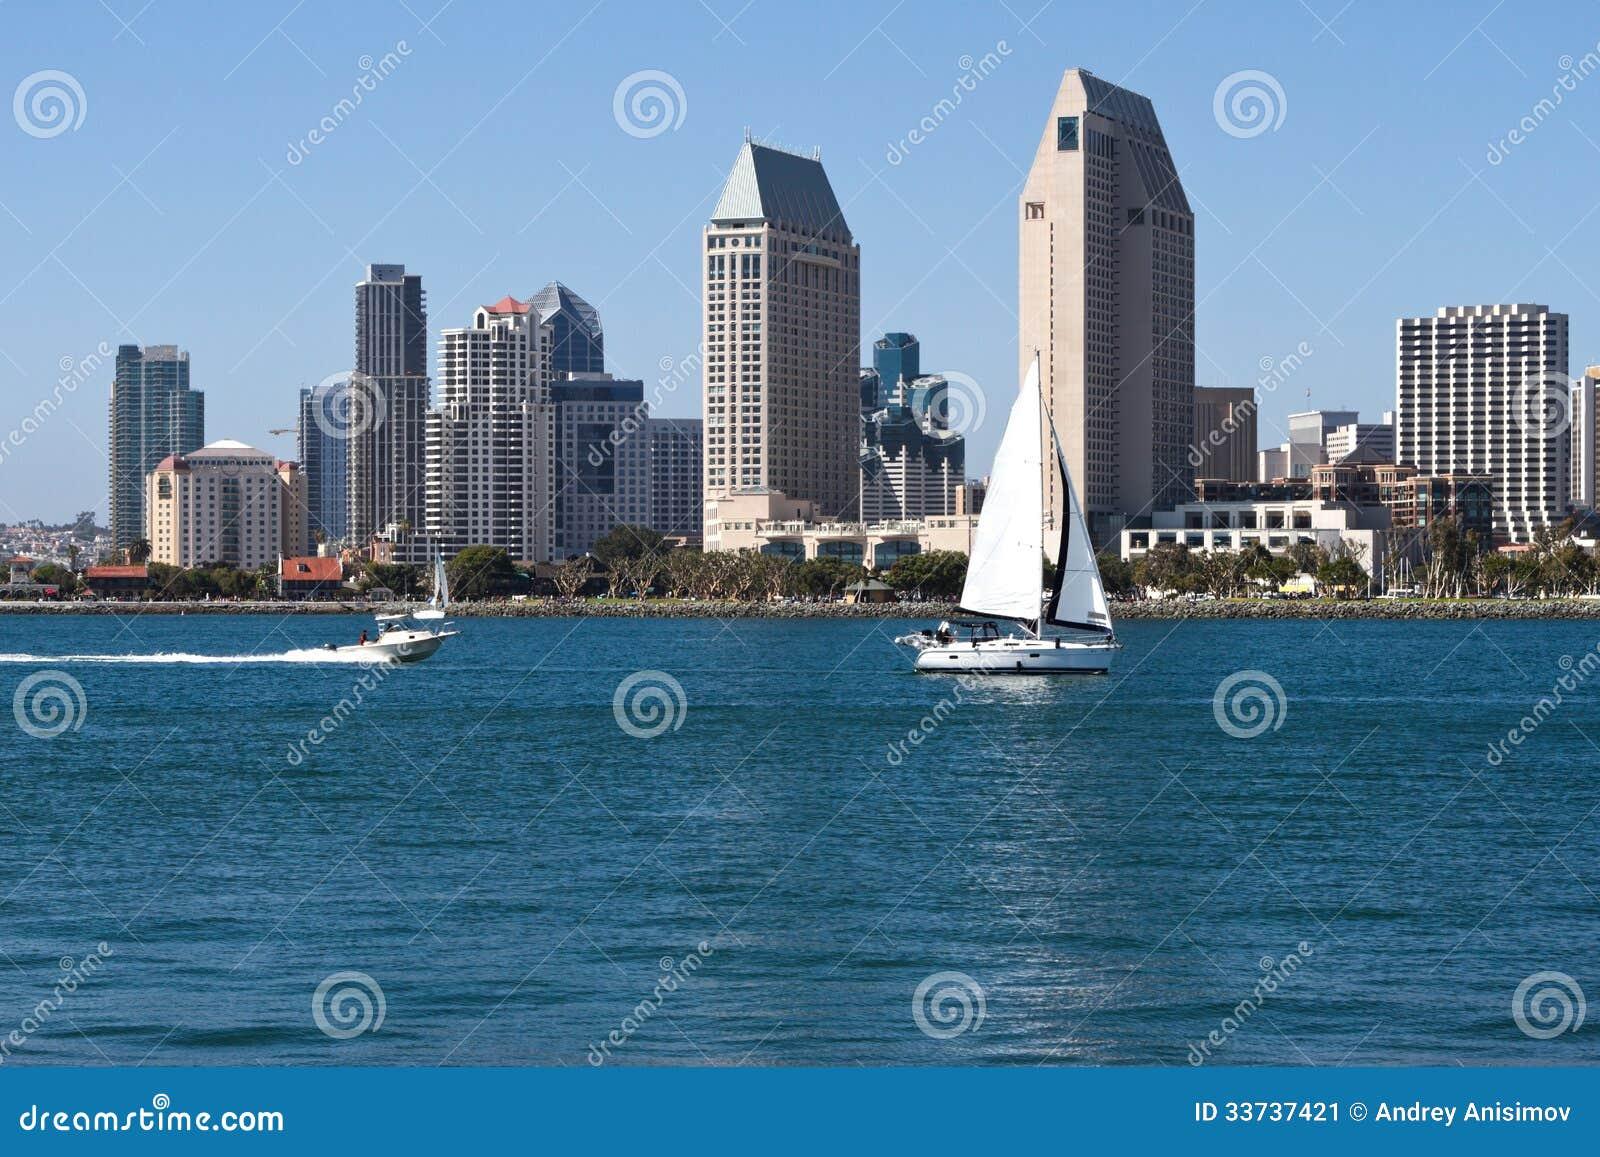 Городской пейзаж городского города Сан-Диего, США